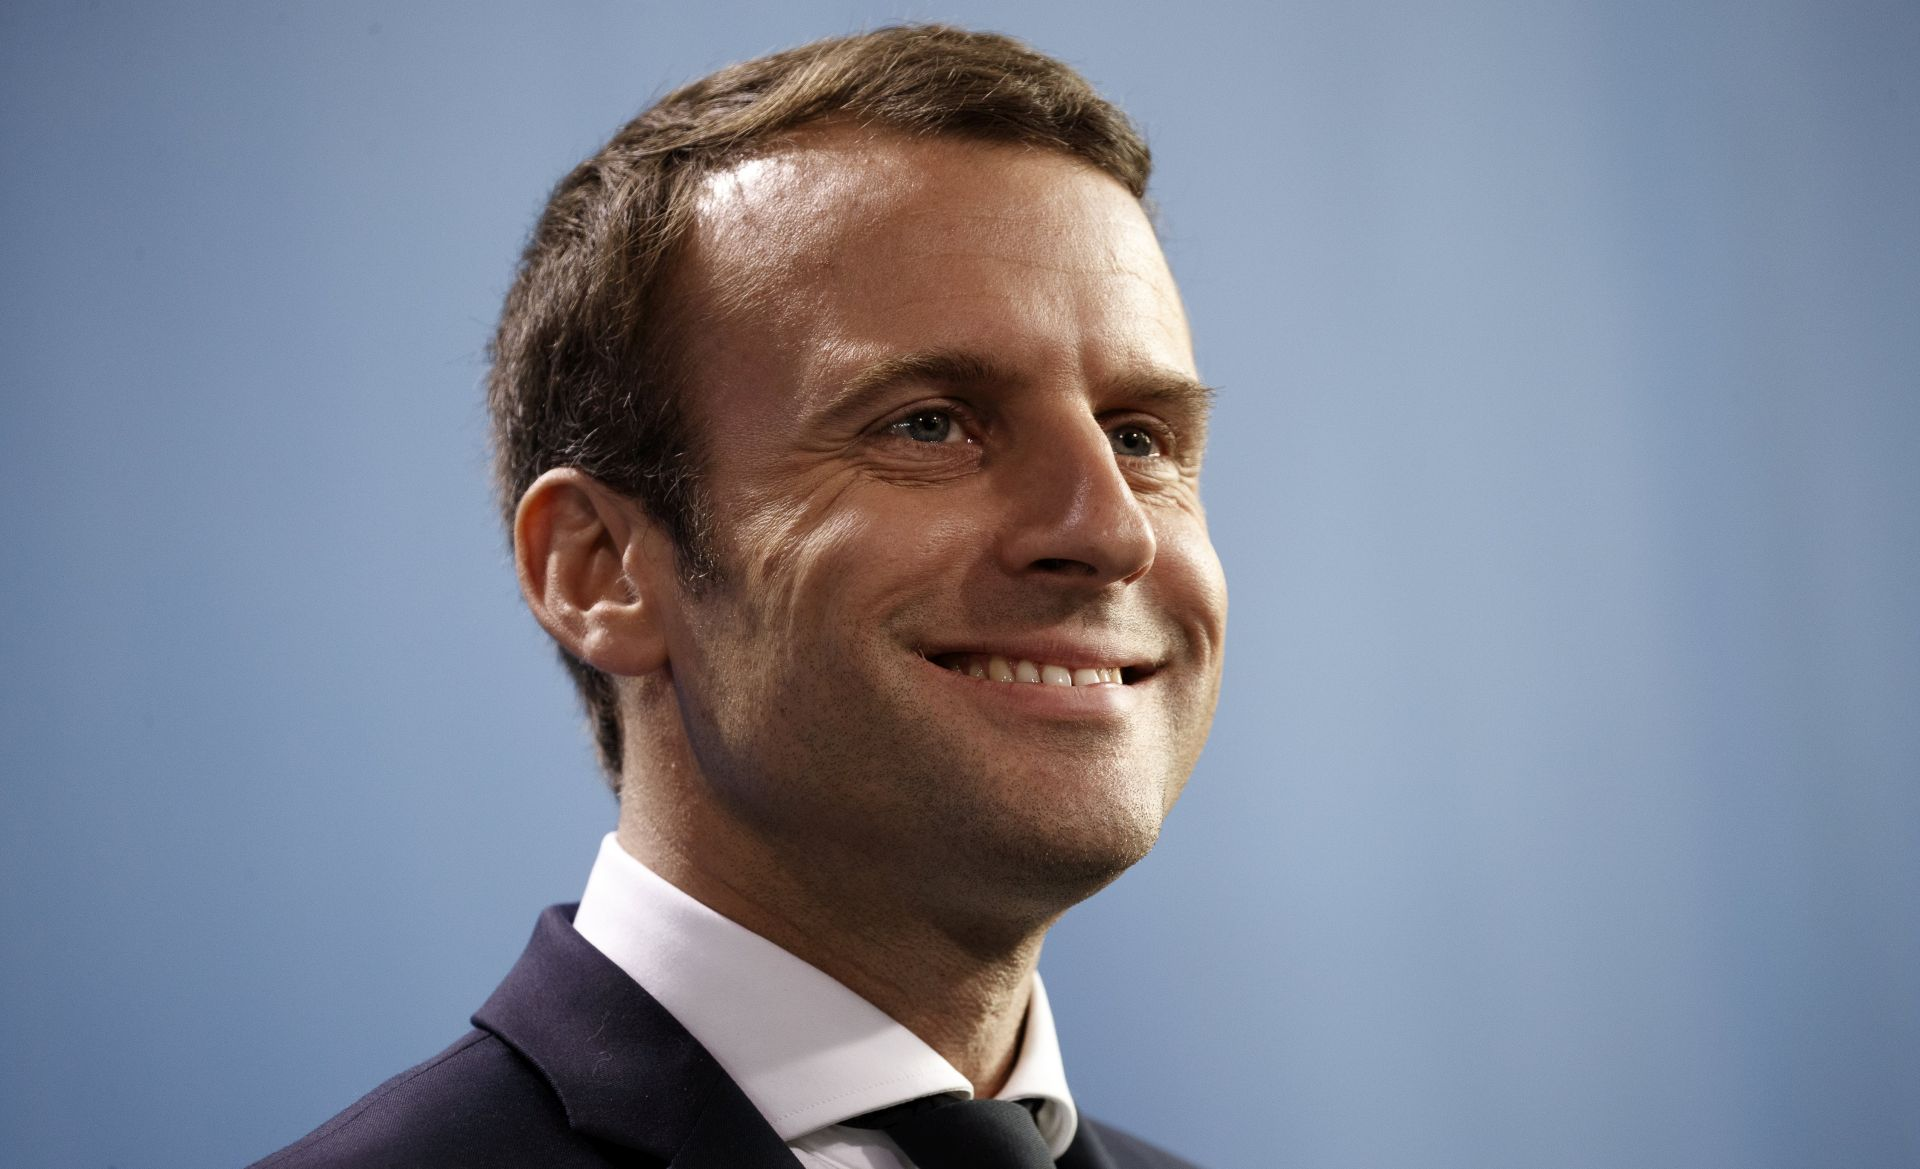 Francuzi u nedjelju odlučuju hoće li Macron stvarno vladati zemljom